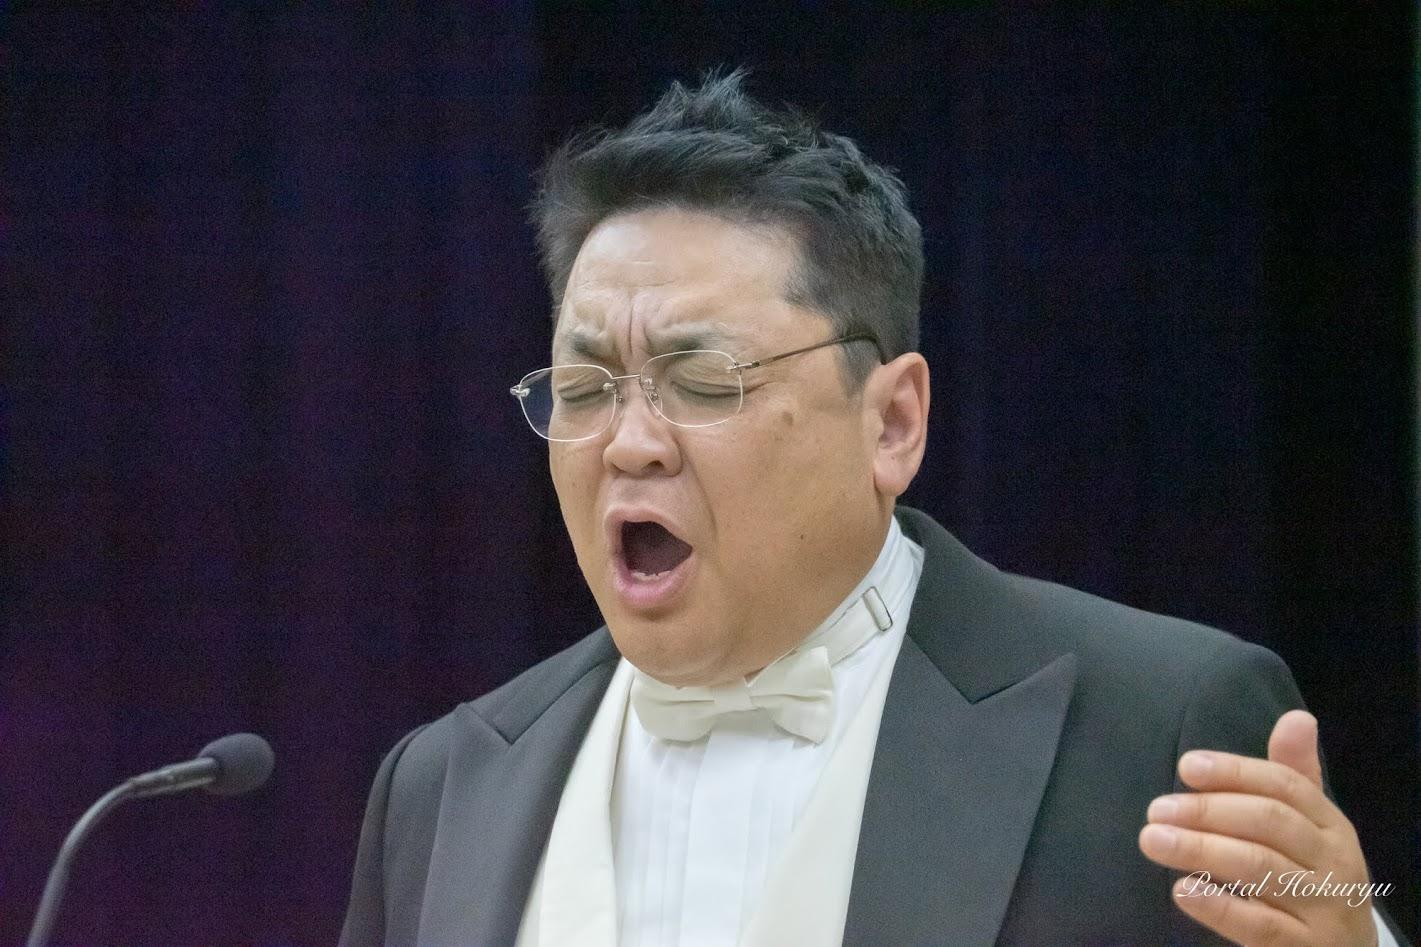 『ネッラ・ファンタジア』を歌う山本徹淨先生